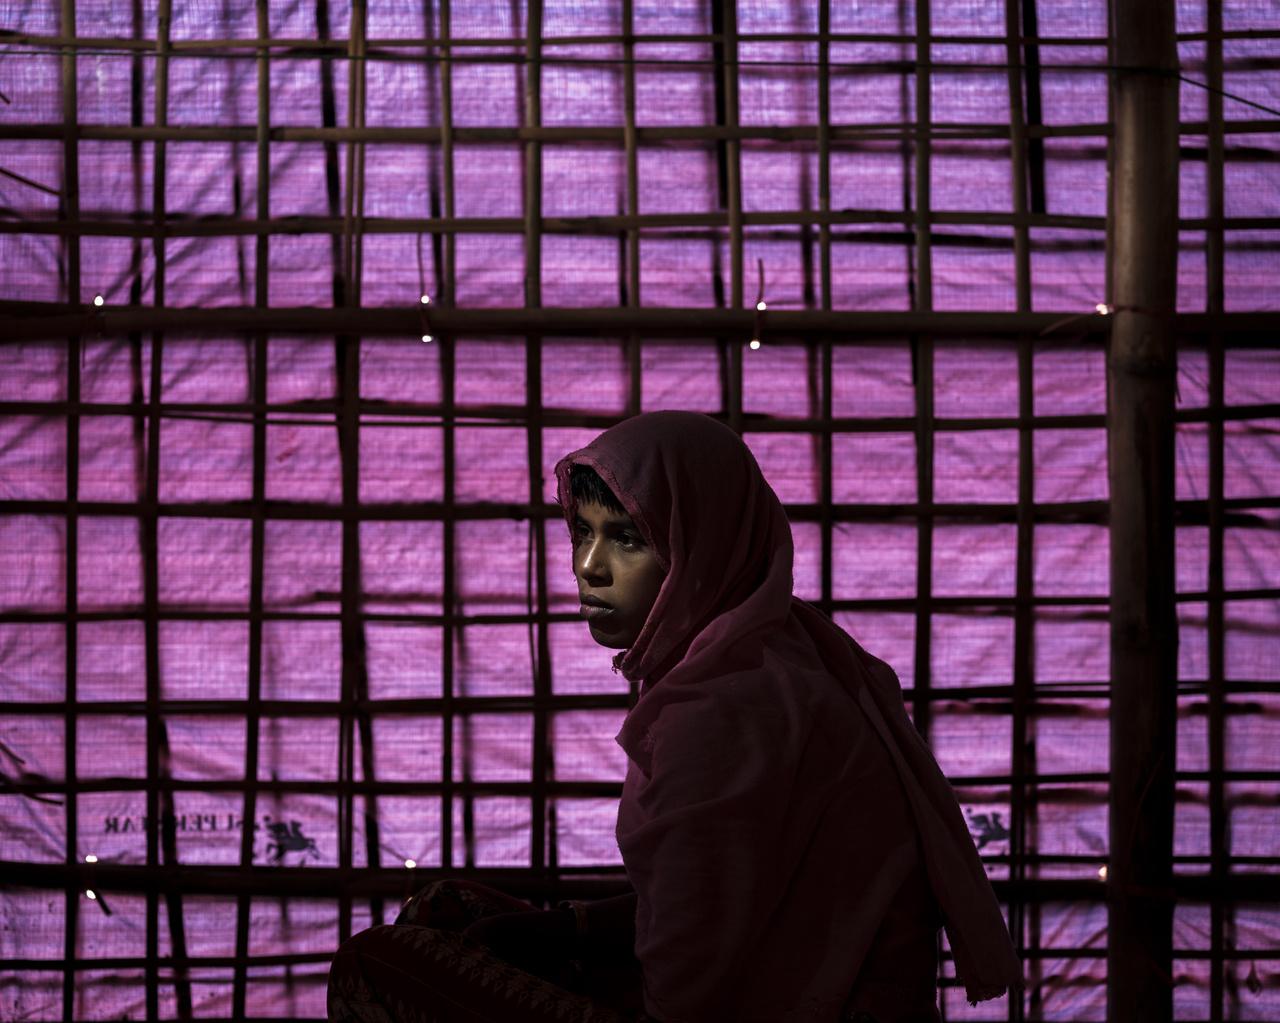 A 15 éves Shafika Begum (15 éves) valószínűleg az egyetlen túlélő a családjából. Ő látta, ahogyan a katonák lelövik az apját és négy bátyját, majd ezek után őt, az édesanyját és a 11 éves húgát egy kunyhóba rángatták. A kistestvére torkát a szeme láttára vágták el, Shafikát pedig leütötték. Mire magához tért, az anyja és a húga is halottak voltak, az ő ruhája pedig lángolt, de sikerült kimenekülnie az épületből.  A 25 éves Rashida még nevet sem adott 28 napos gyermekének, akit a szeme láttára öltek meg a katonák.